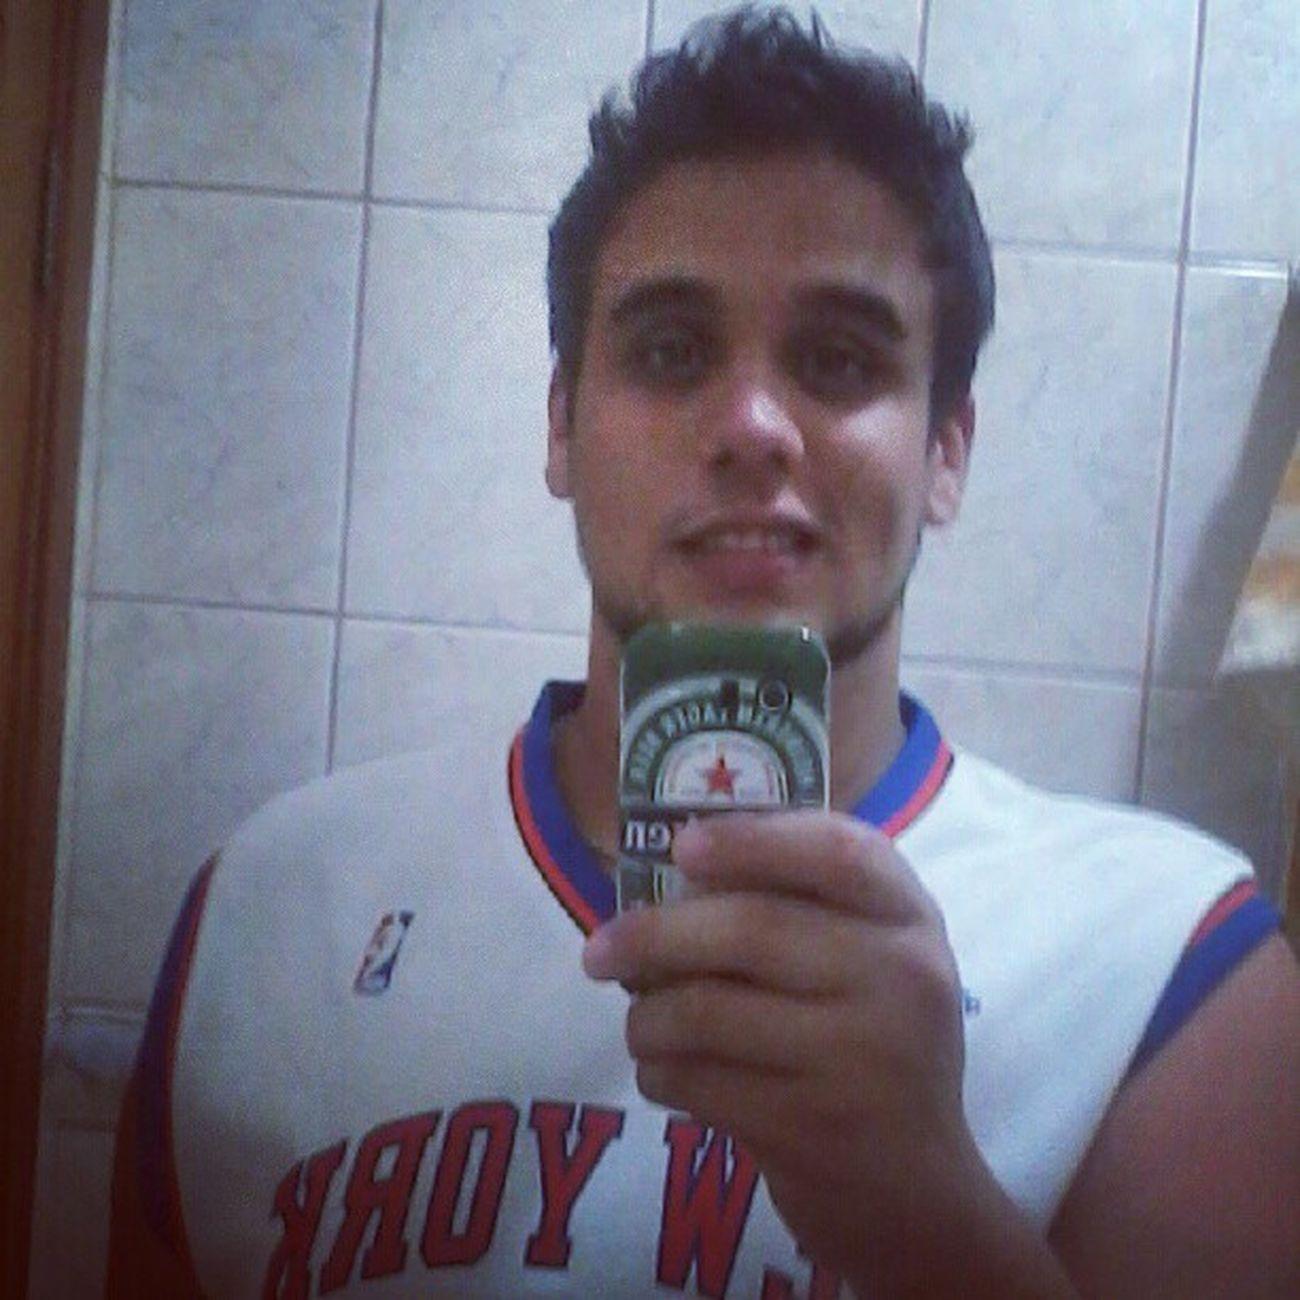 Feliz ano novo galerow! (Não, eu não sou torcedor do Knicks, sou Miami Heat até o fim! Mas como coleciono jerseys da NBA, escolhi a do Knicks) Bom 2013 a todos nós! Happynewyear Felizanonovo NBA Letsgoheat NotaNYKnicksfan